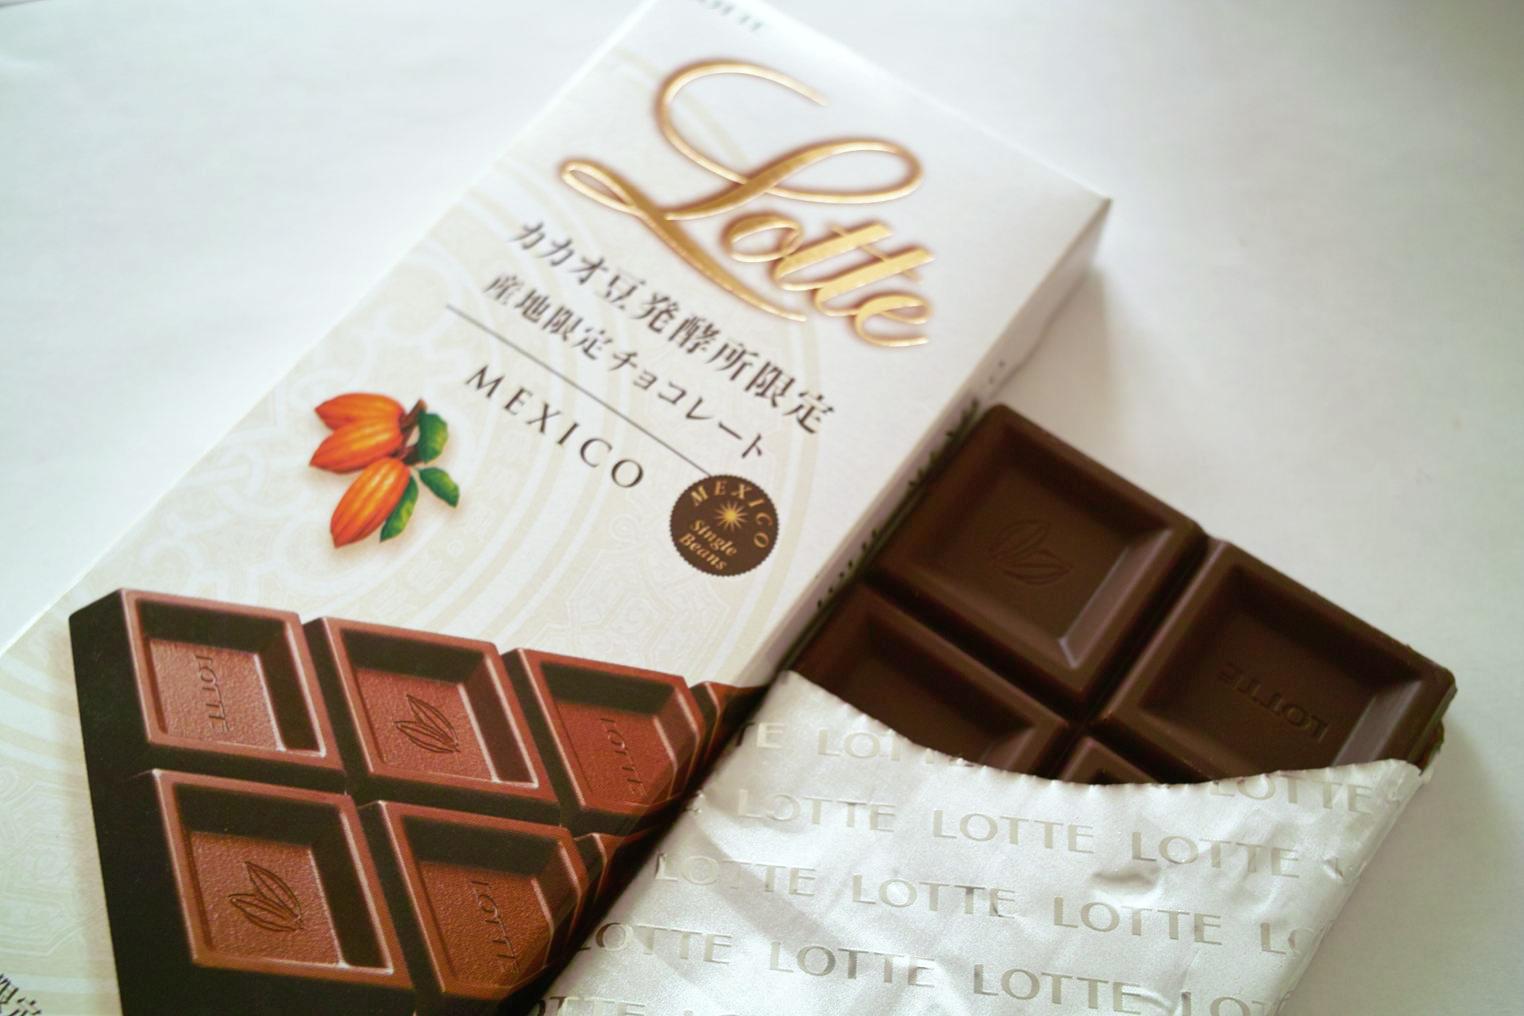 カカオ豆醗酵所限定 産地限定チョコレート MEXICO